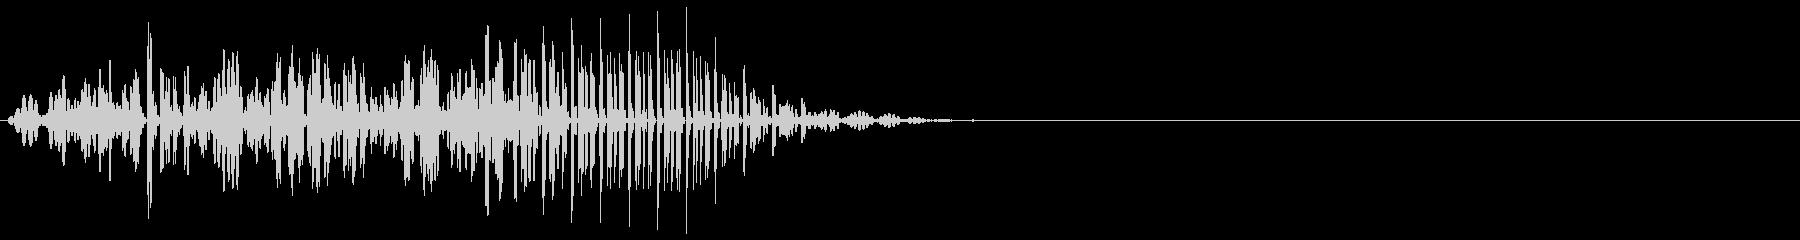 ポポポワン(ボタン音、クリック音)の未再生の波形